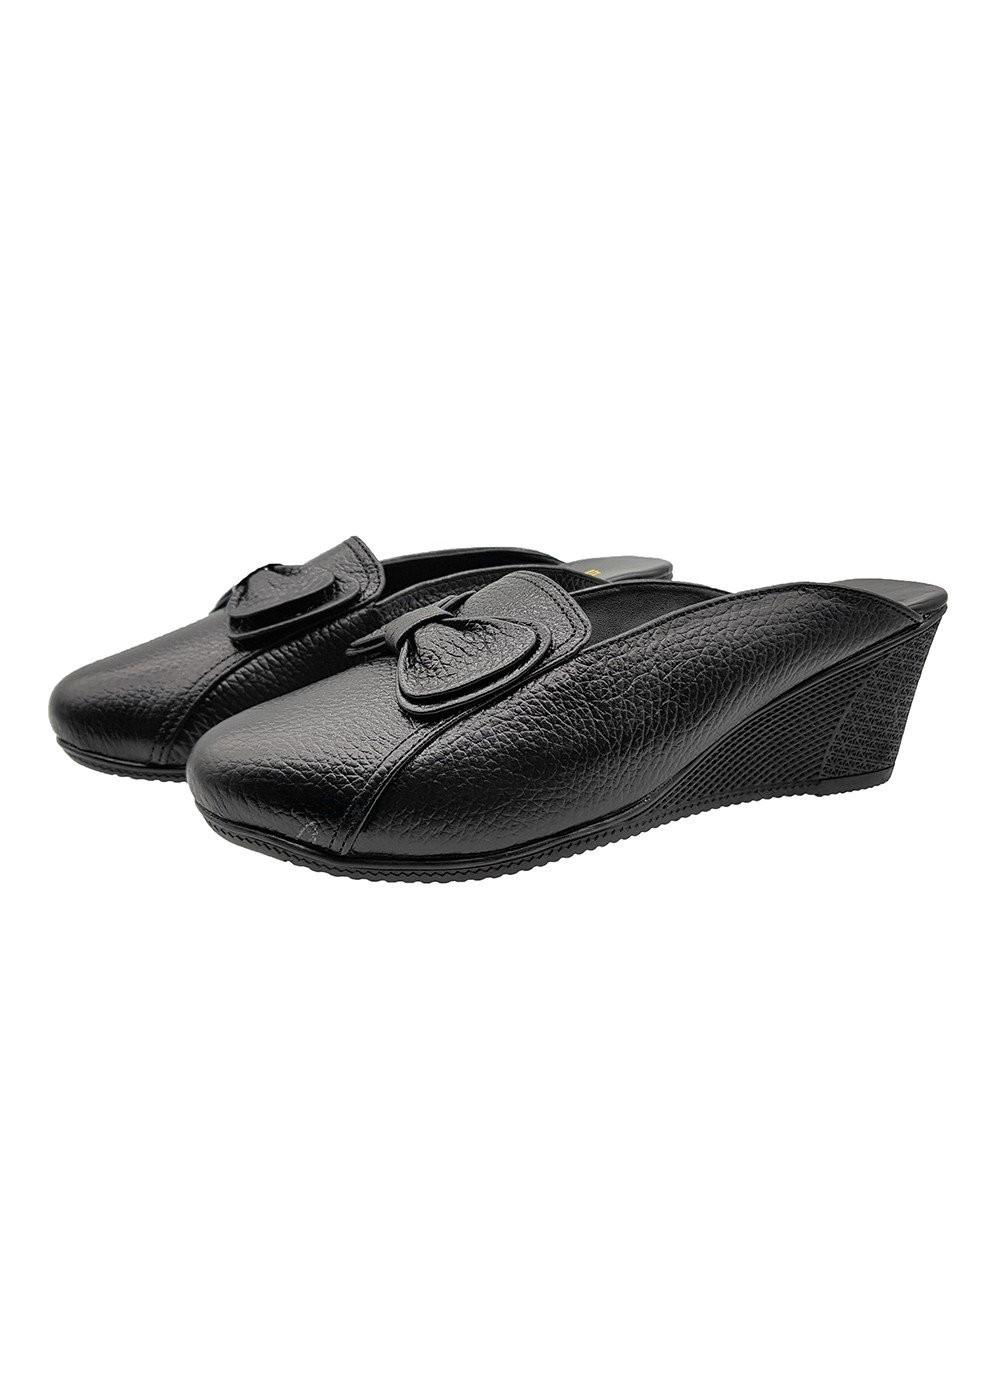 Giày Sục Nữ Đế Xuồng Cao 5cm Da Bò Thật Siêu Mềm, Đẹp Sang Trọng, Tiện Dụng 5P1816